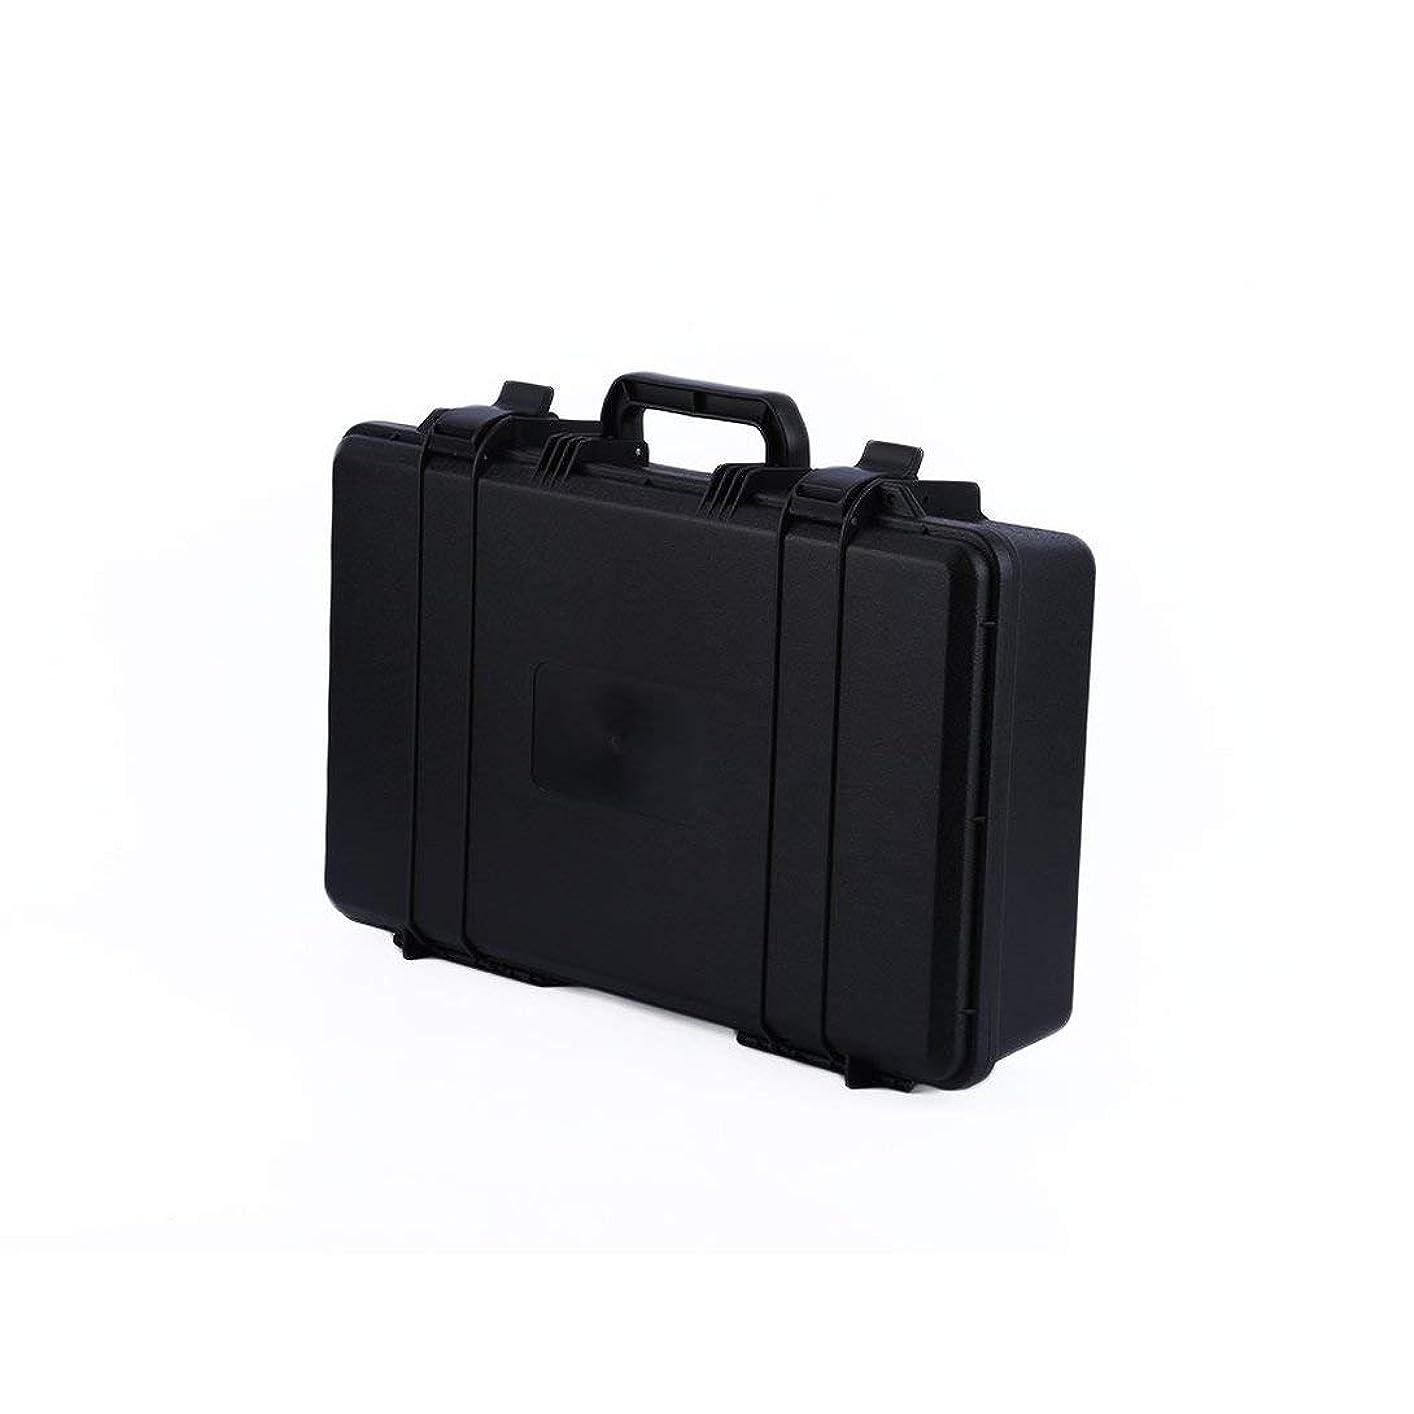 一時的身元くさびSwiftgood キャリングケースオウムビバップドローン2用のプラスチック保護スーツケースケースボックス絶妙に設計された耐久性のある豪華な